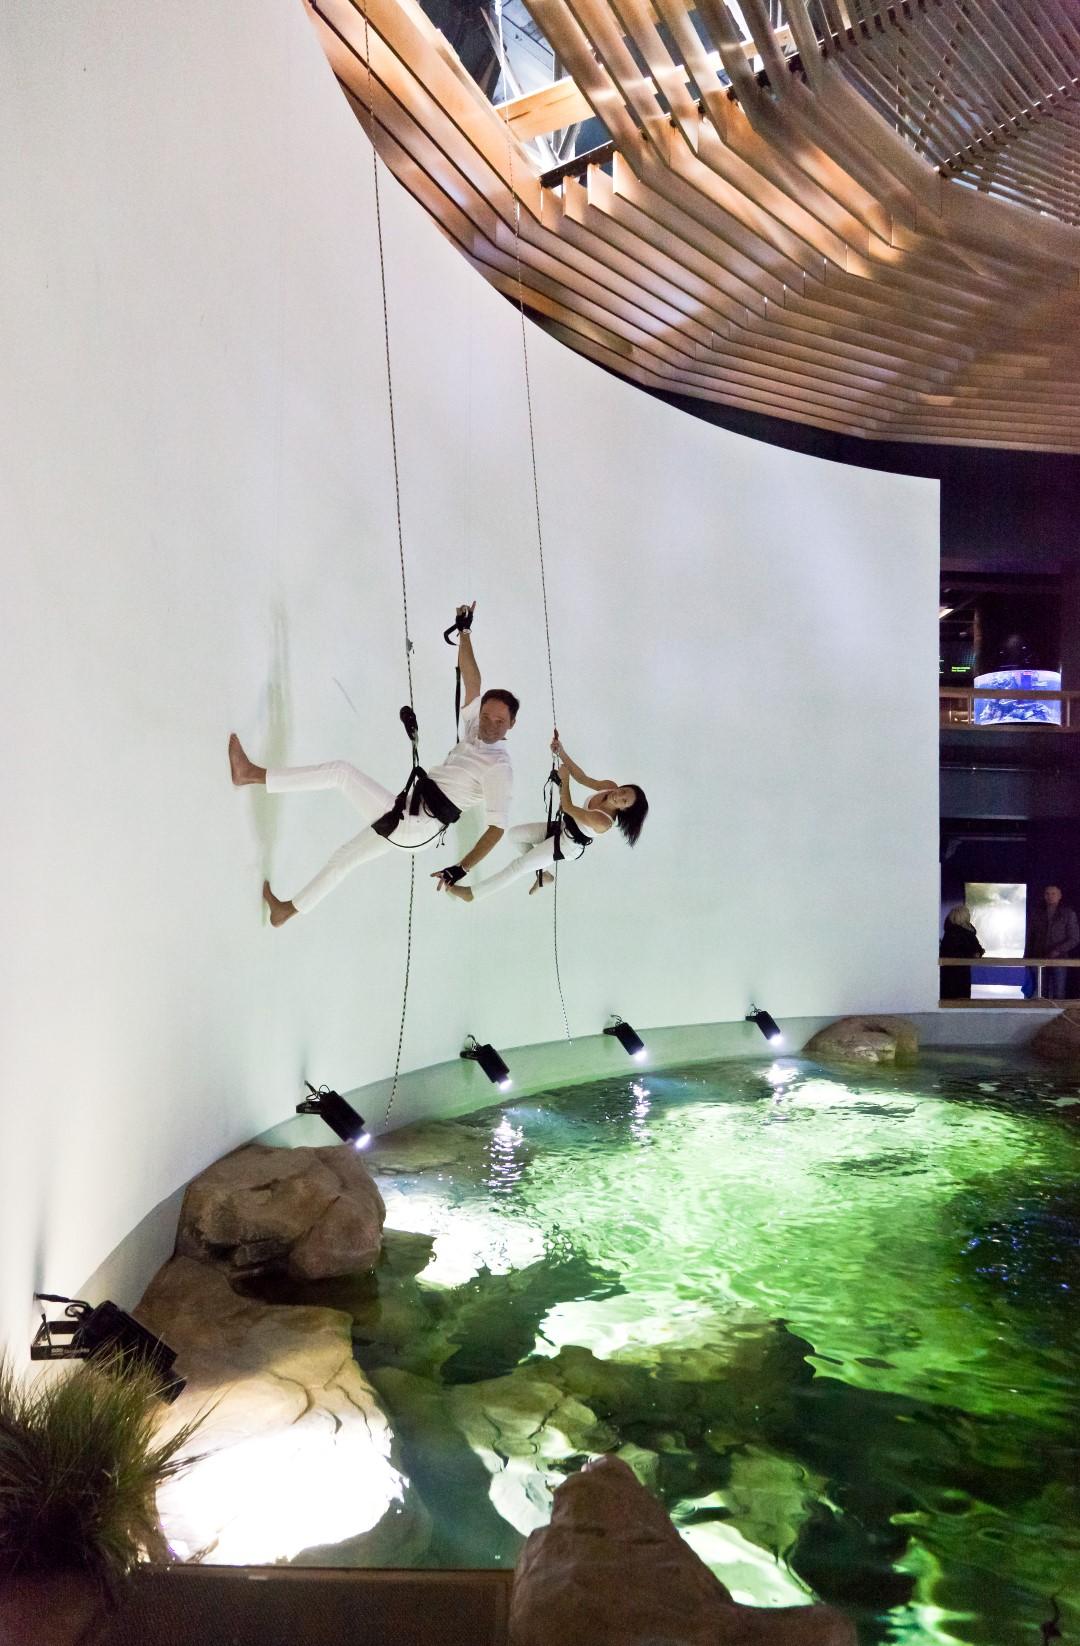 Akvariumo atidarymas – apie harmoniją ir grožį, kuris slypi vandenyno gelmėse | A. Mažūno nuotr.